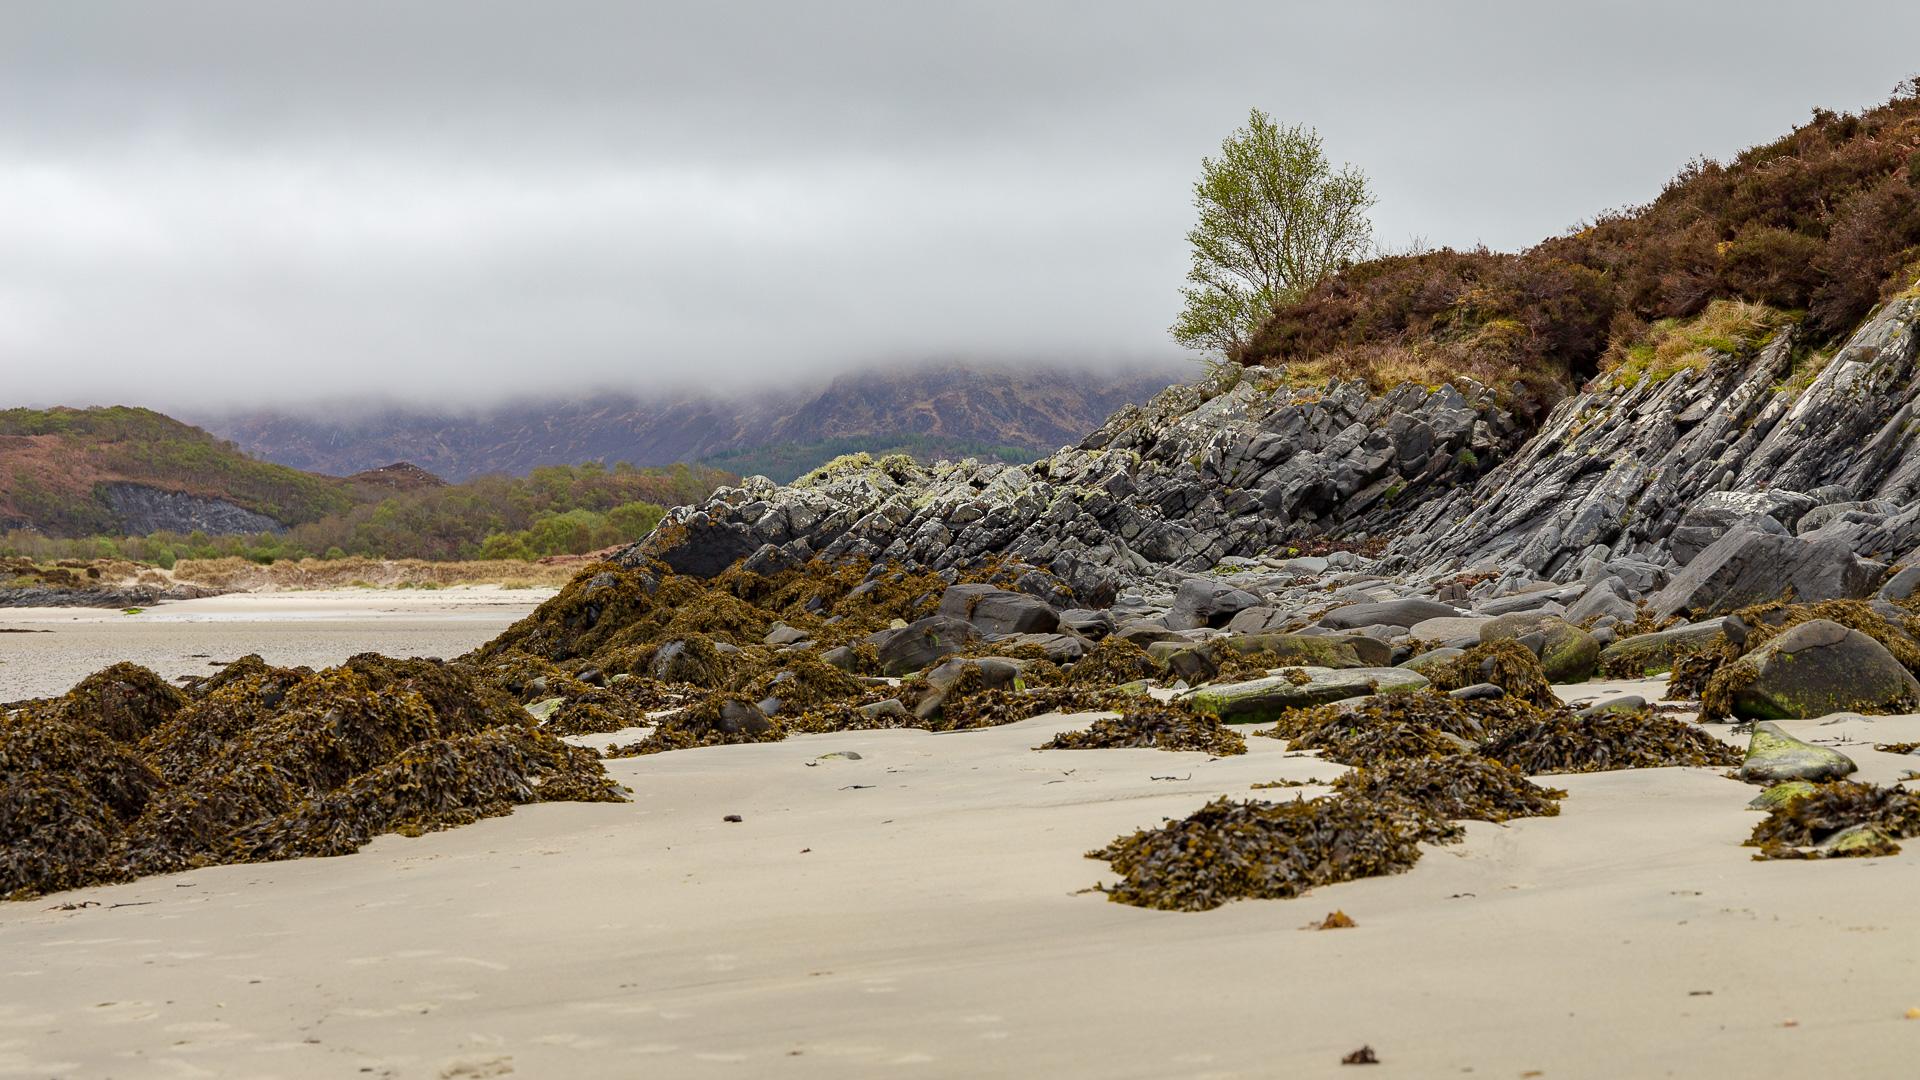 Aus dem Sandstrand erheben sich interessante Felsgesteine